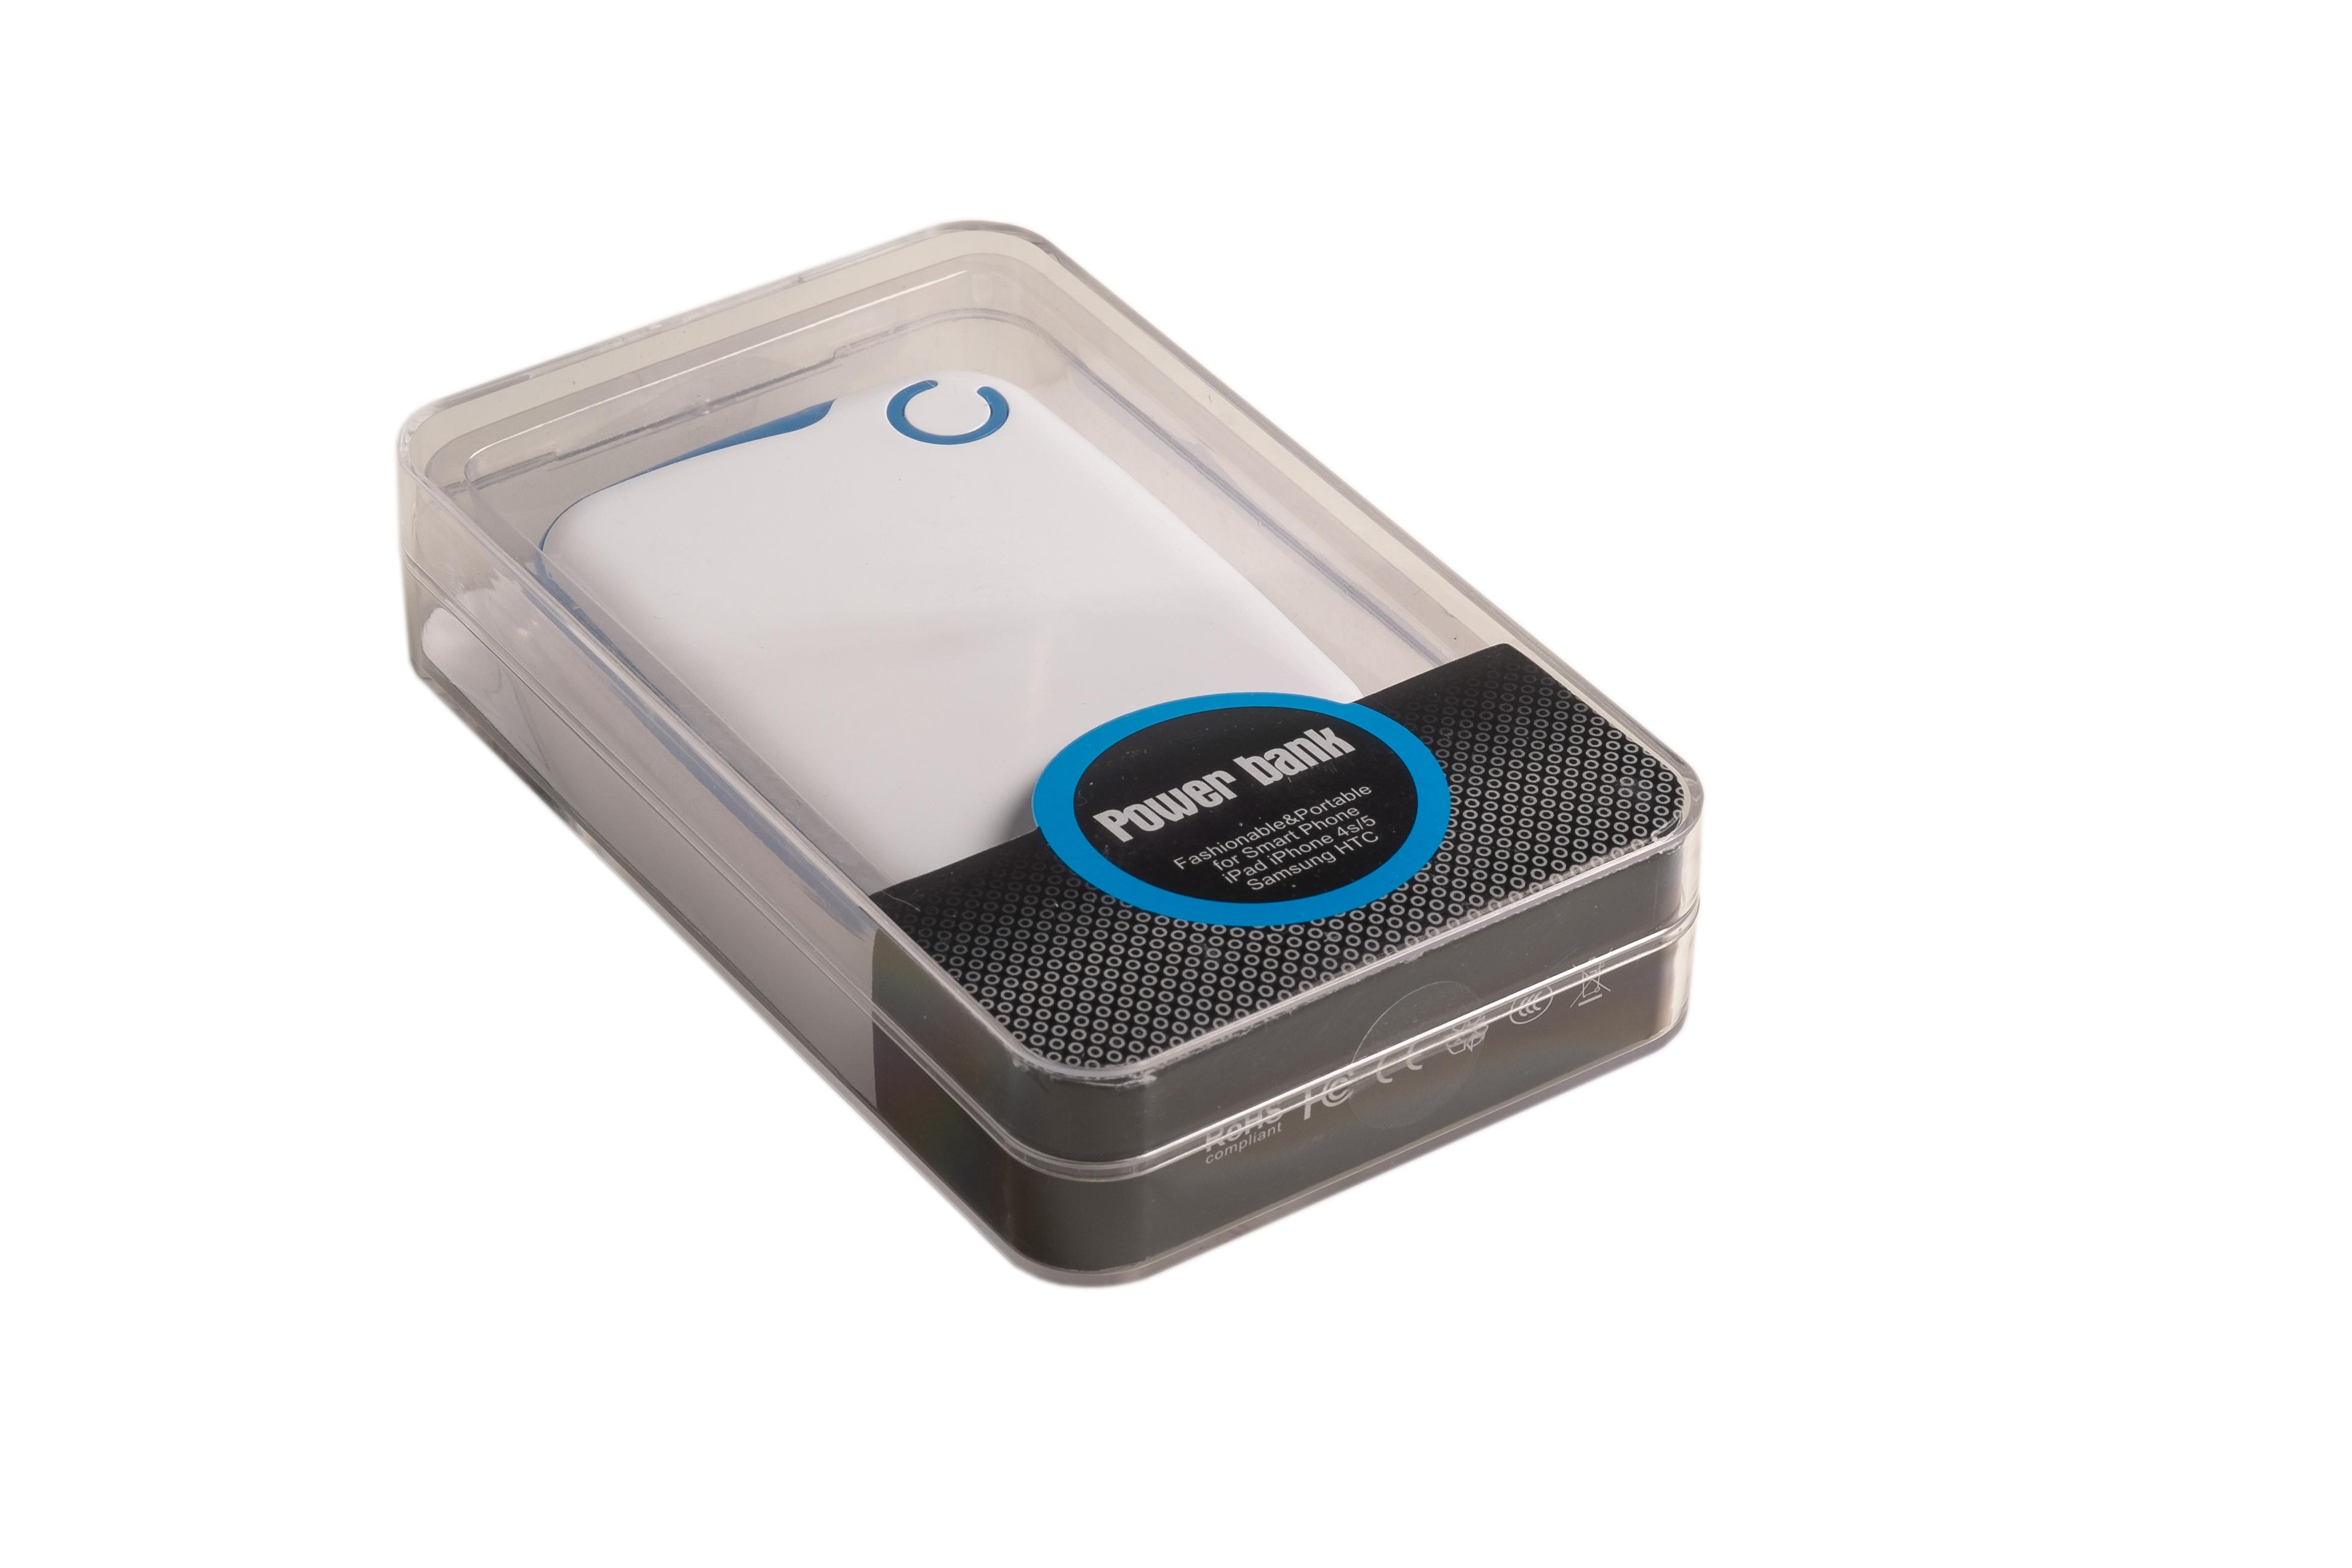 BA-USB6580_BOX_02.jpg